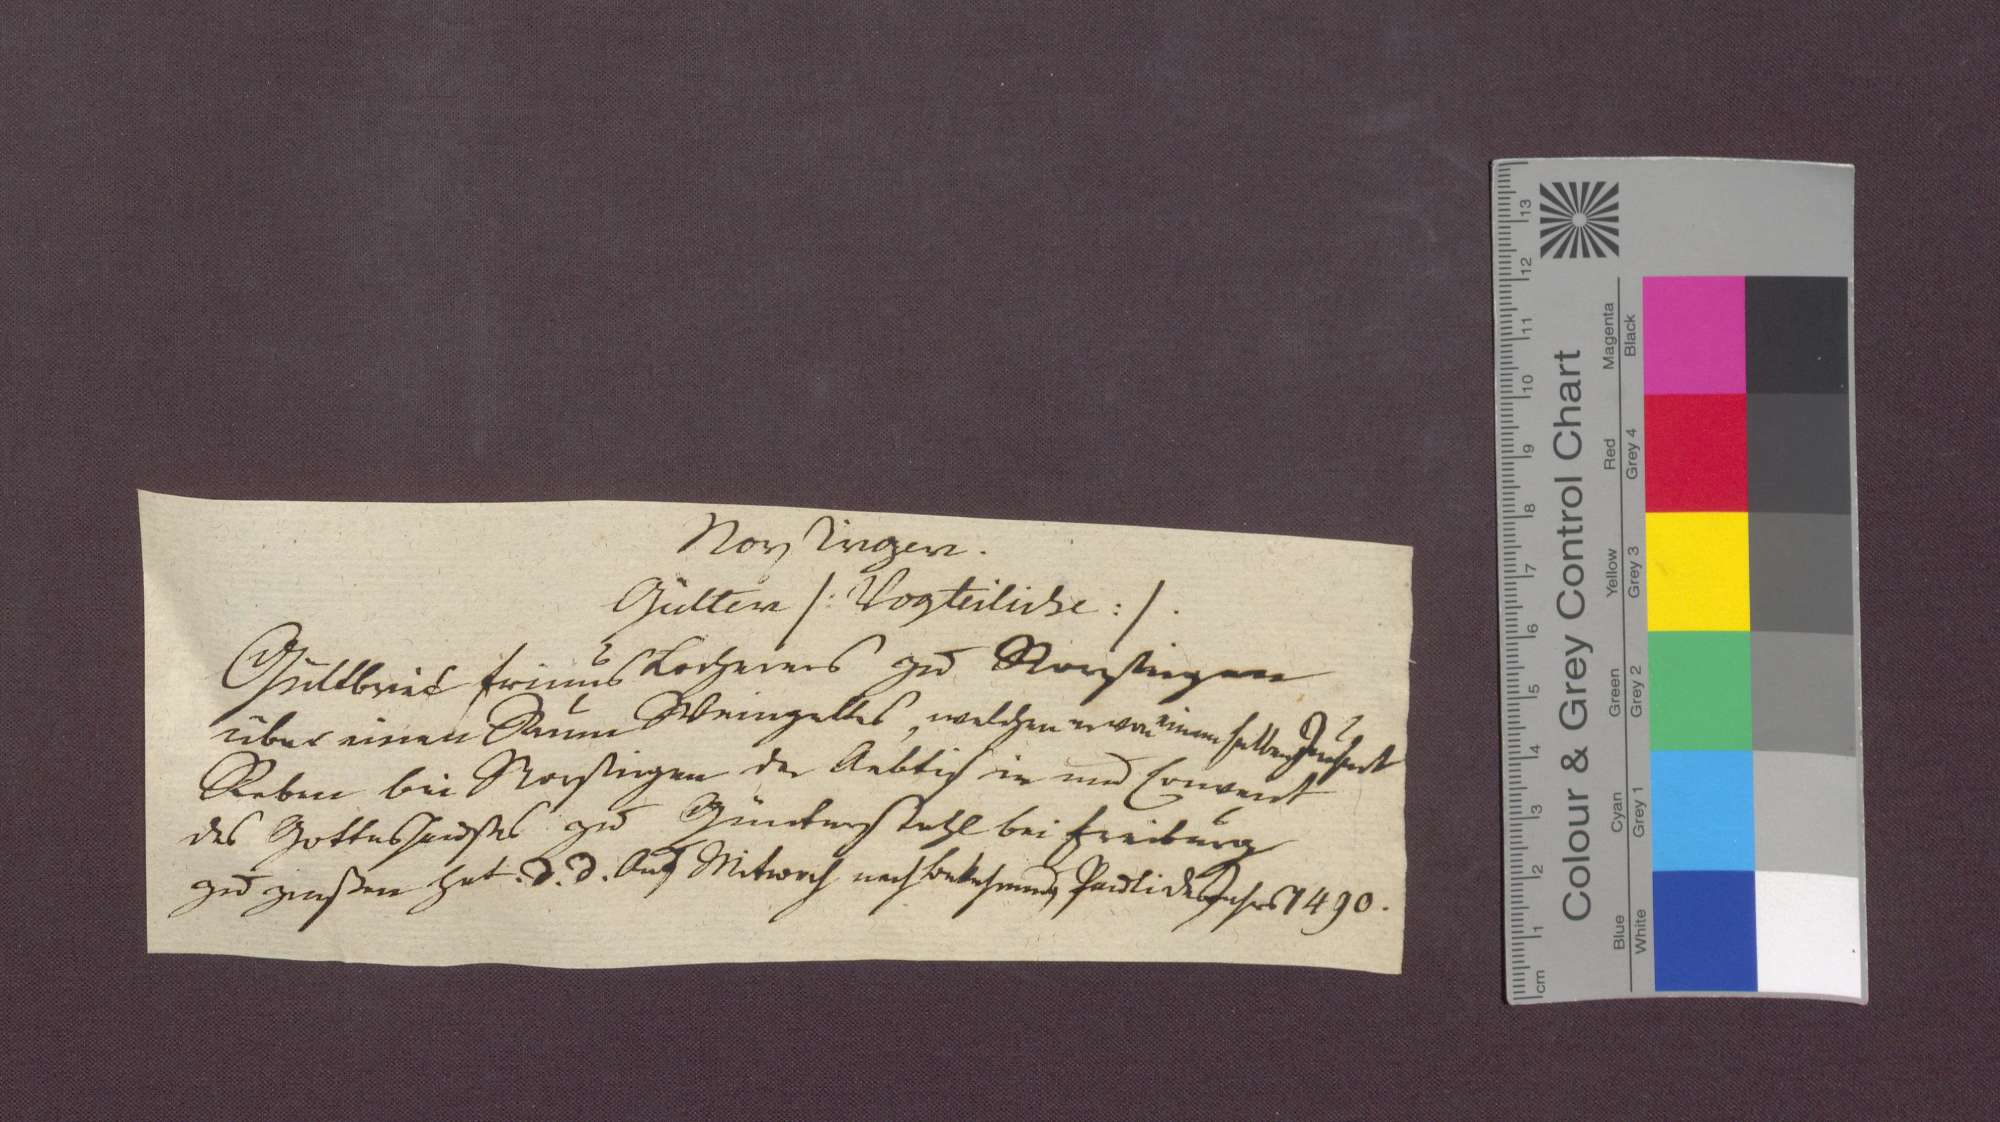 Gültverschreibung des Frinus Locher von Norsingen gegenüber dem Kloster Günterstal., Bild 1